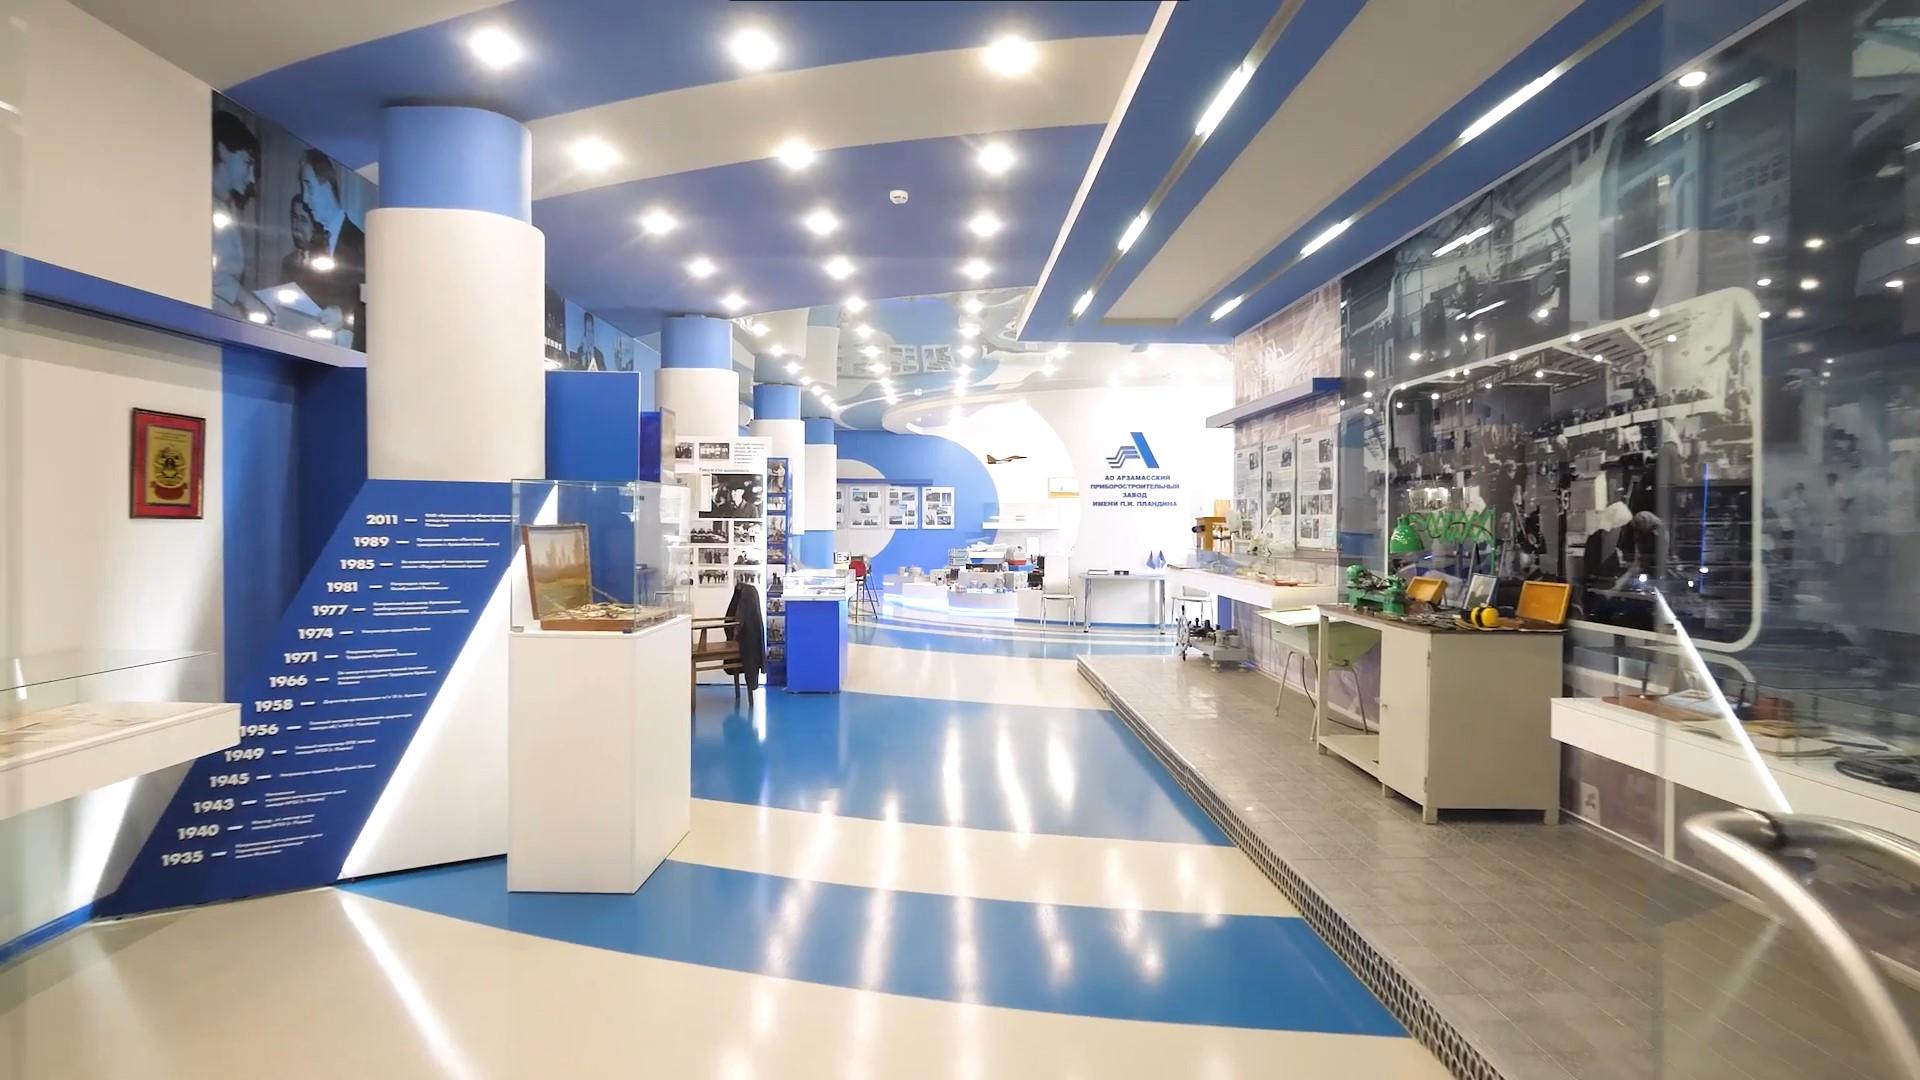 Посетить музеи Арзамаса теперь можно в виртуальном режиме